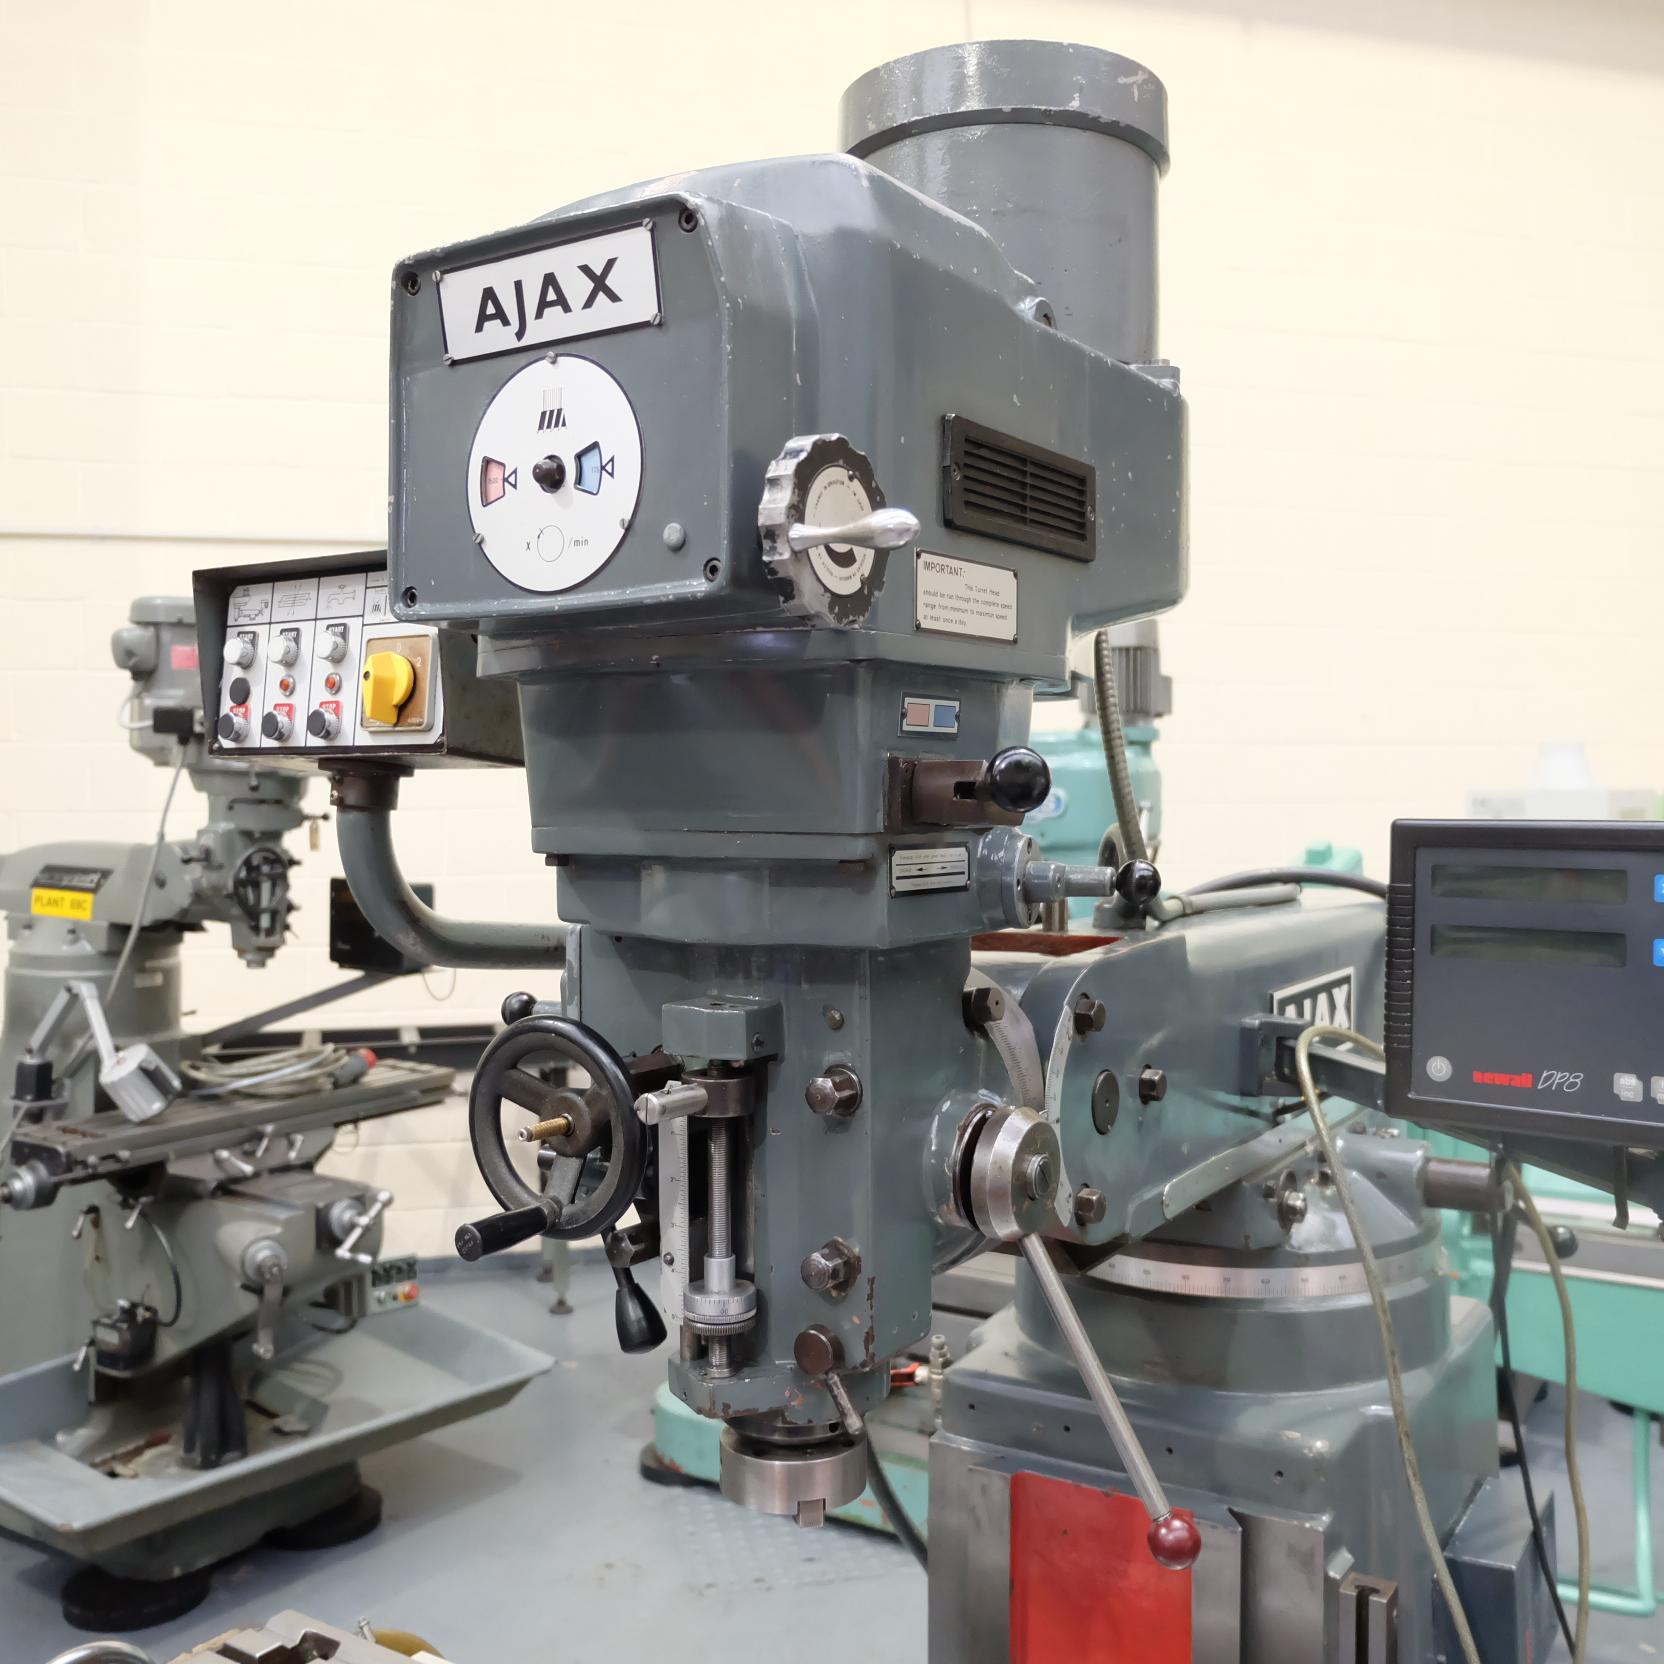 Ajax Model AJT4 Turret Milling Machine. - Image 2 of 9